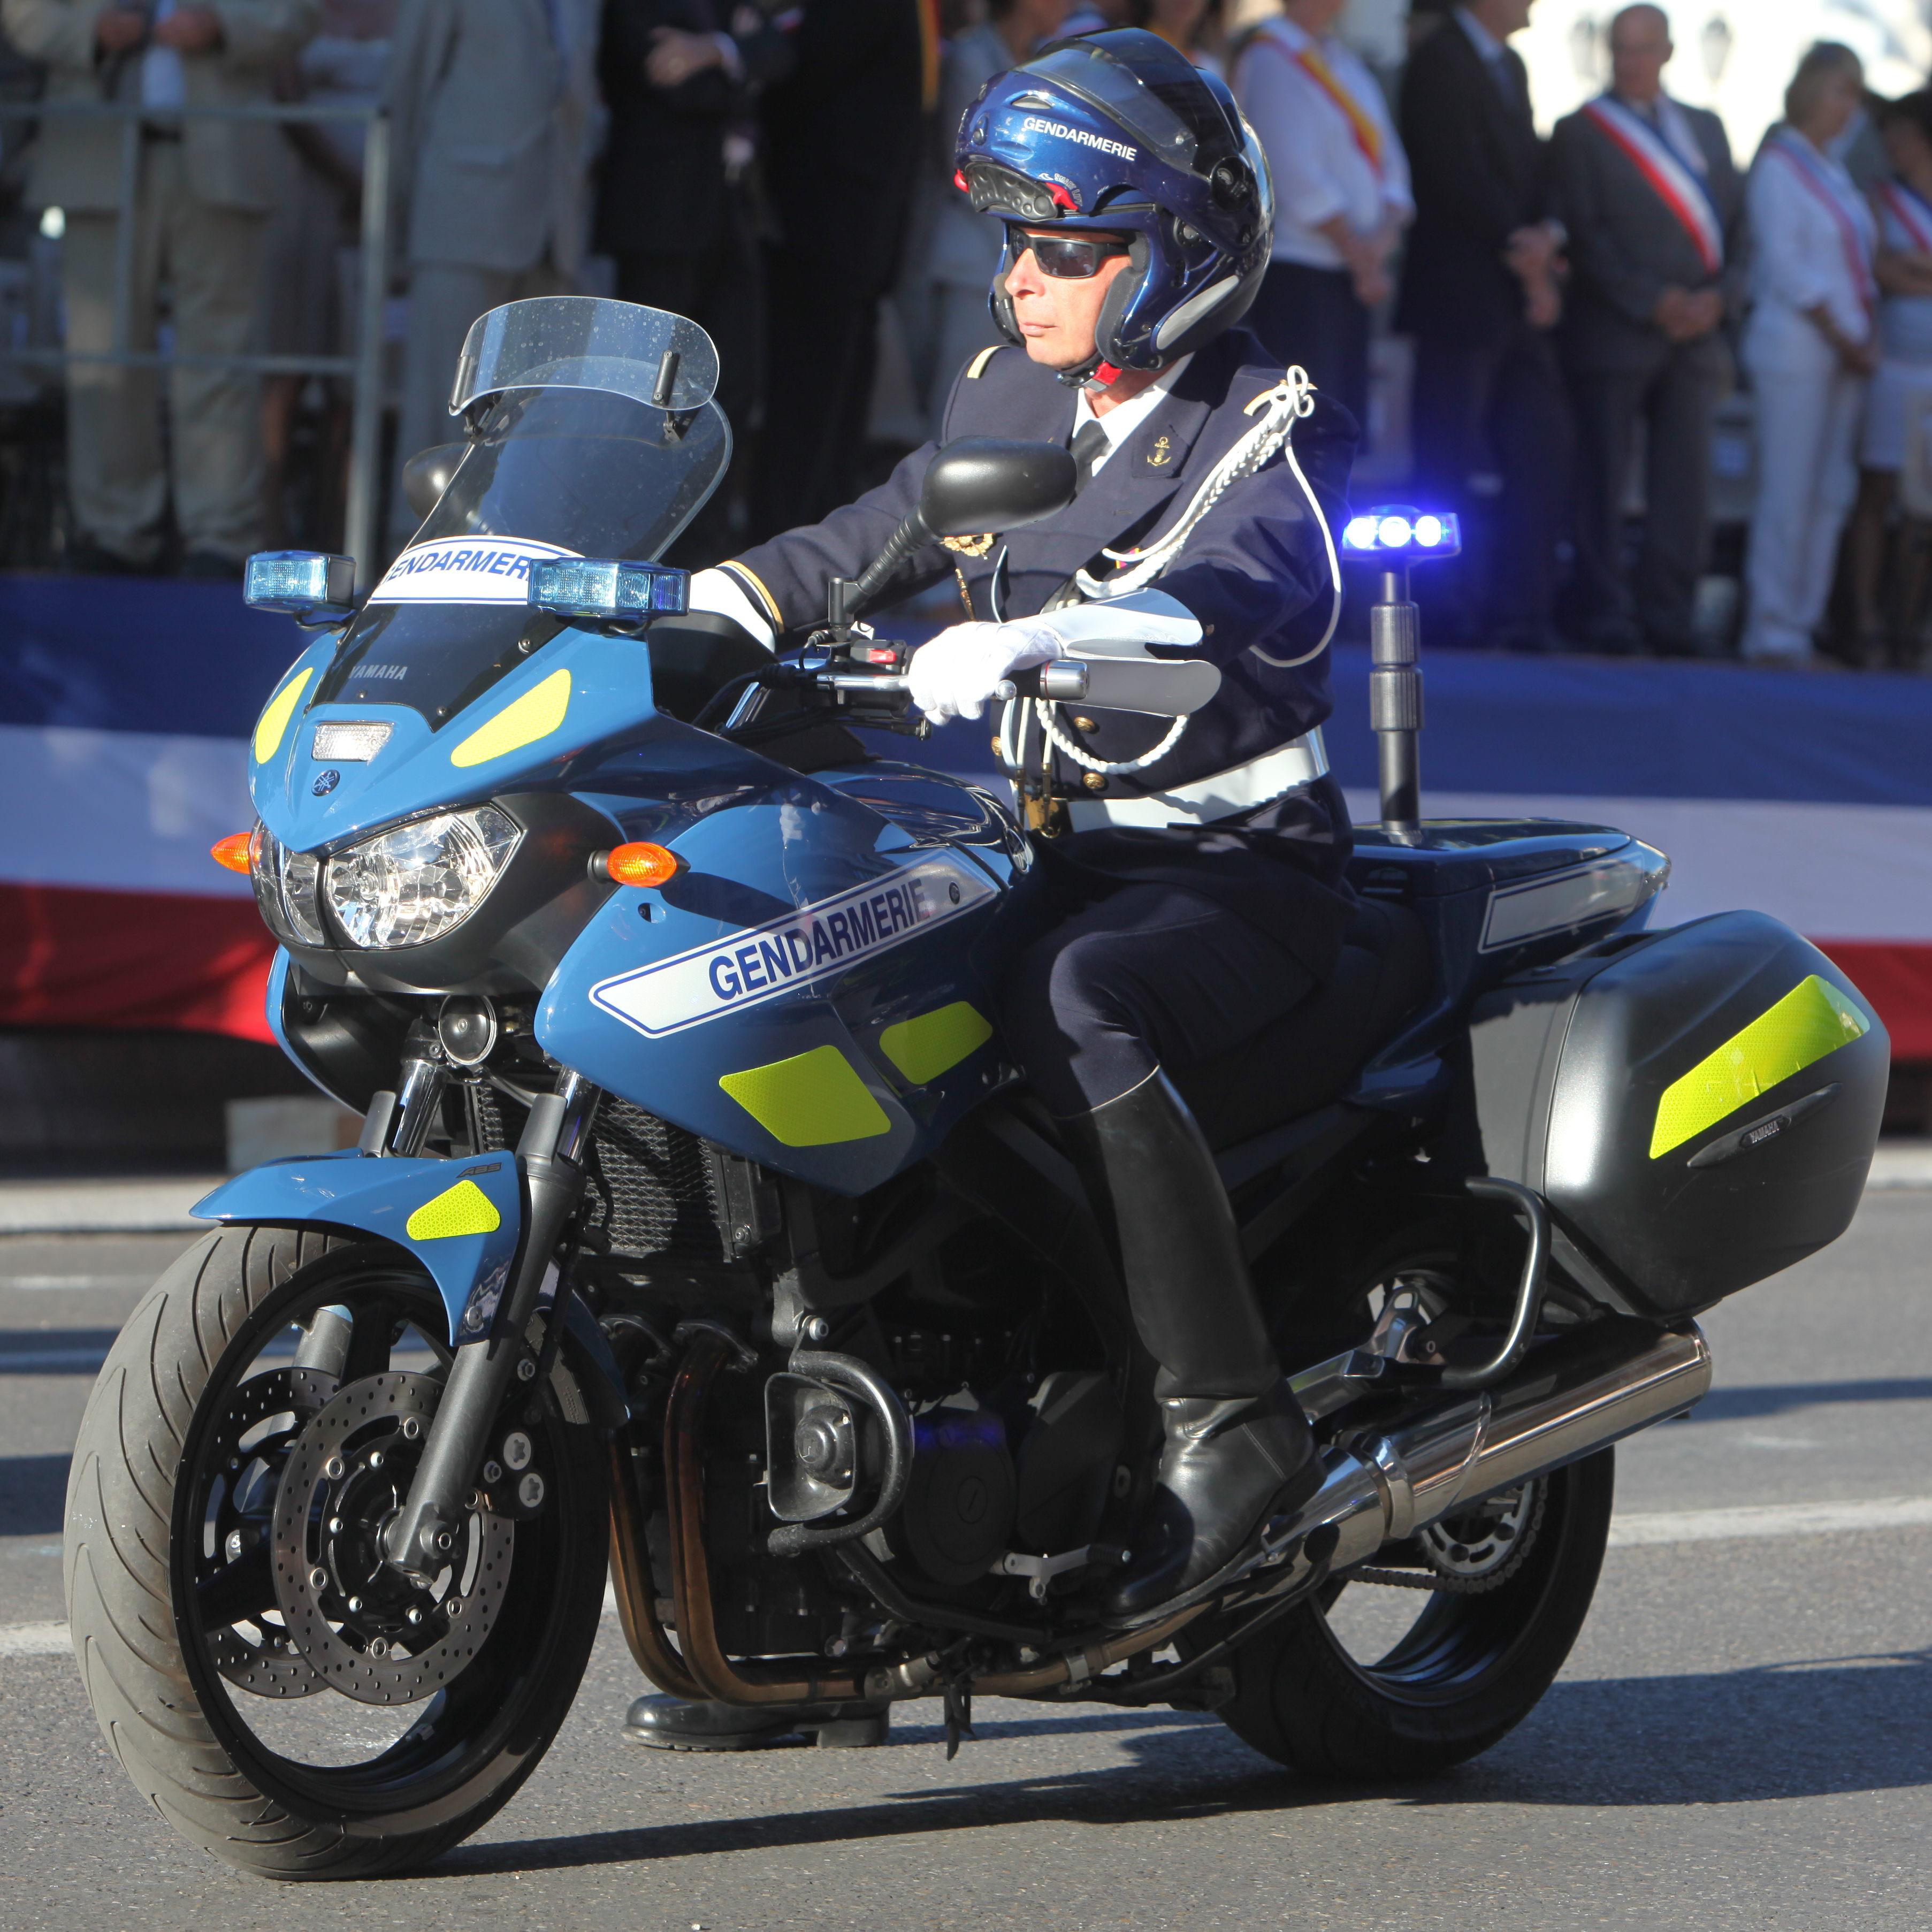 Police And Media: File:Police And Gendarmerie-IMG 9239.jpg